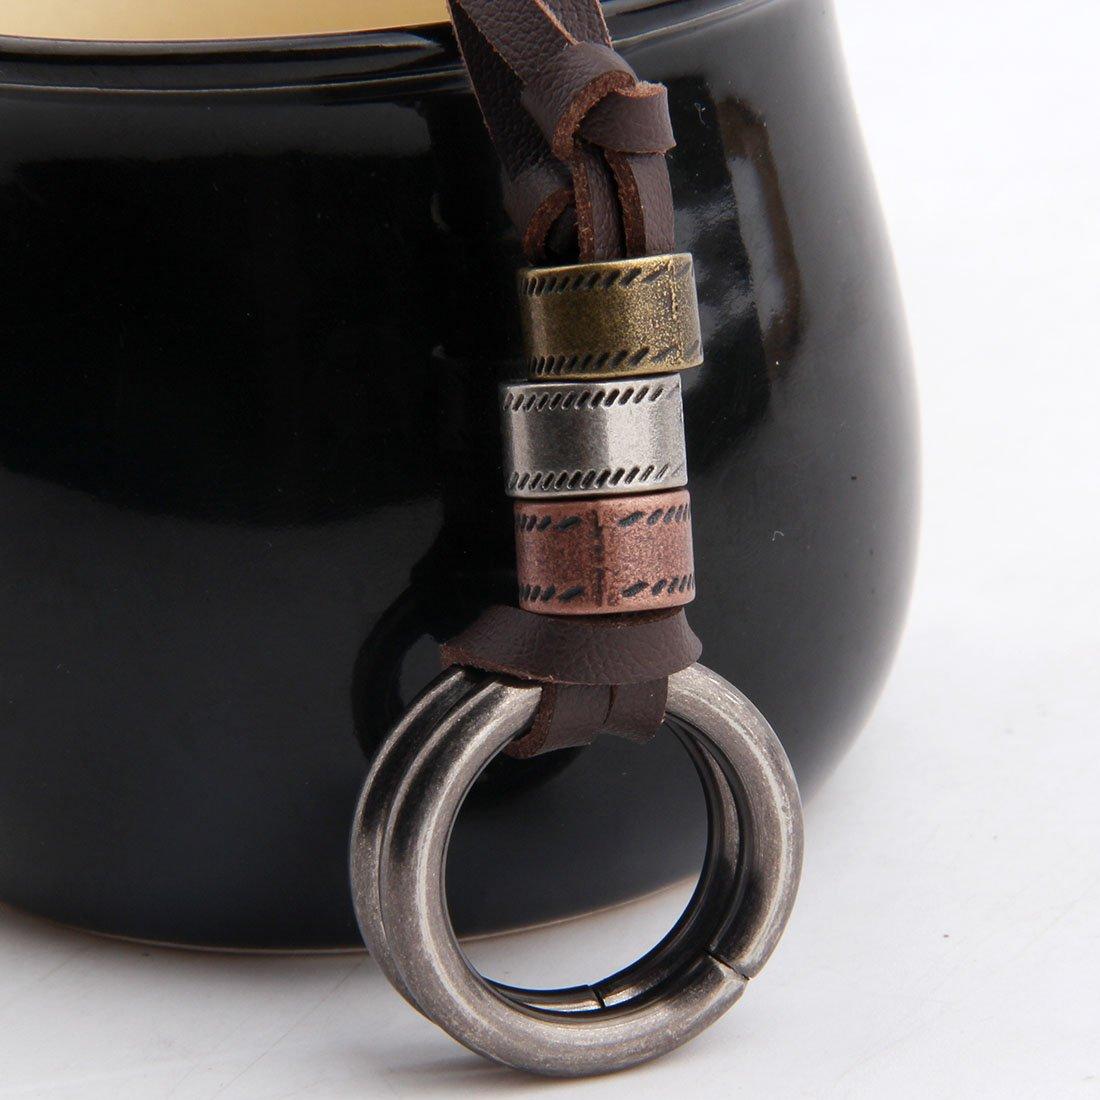 BNQL Eyeglass Holder Necklace O Ring Adjustable Leather Strap Necklace